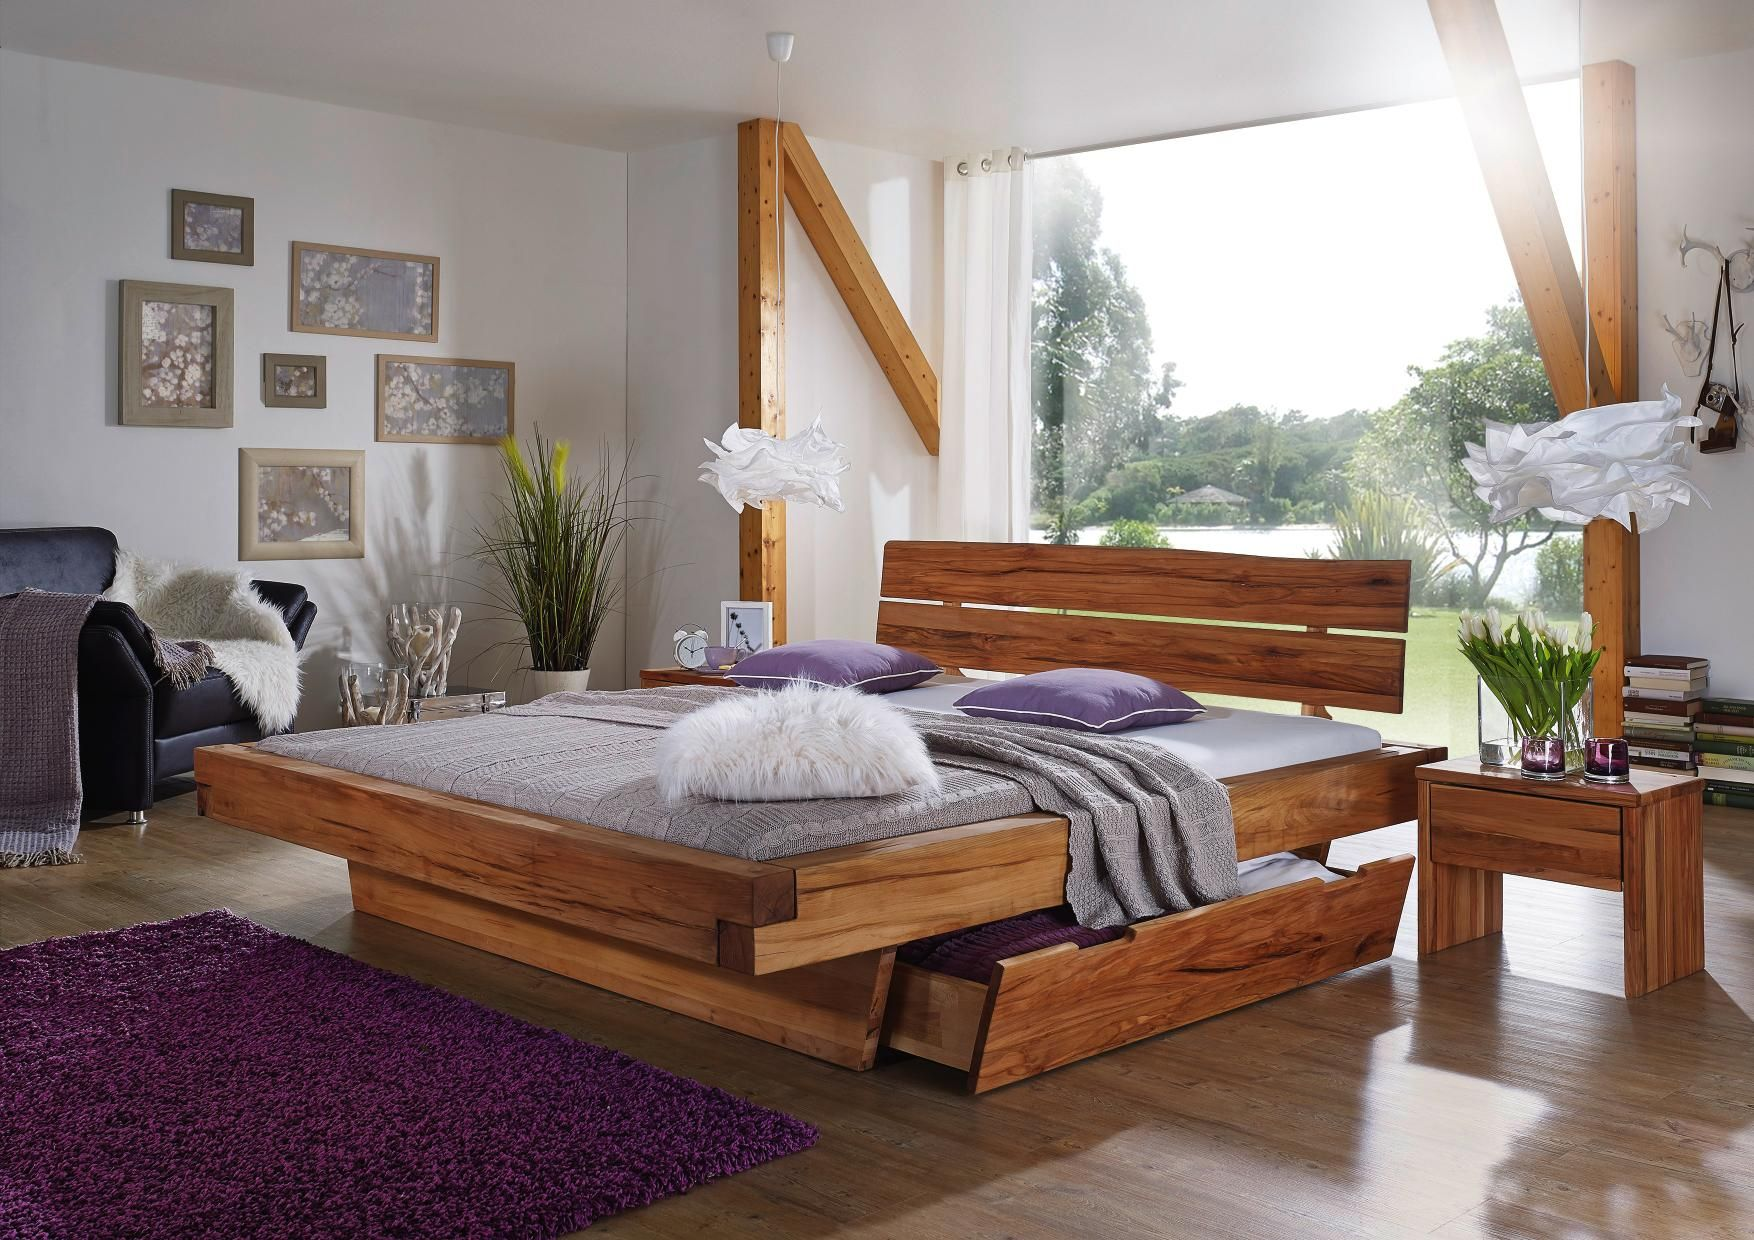 Schlafzimmer Monaco ~ Massivholz schlafzimmermöbel set monte carlo tlg jetzt bestellen